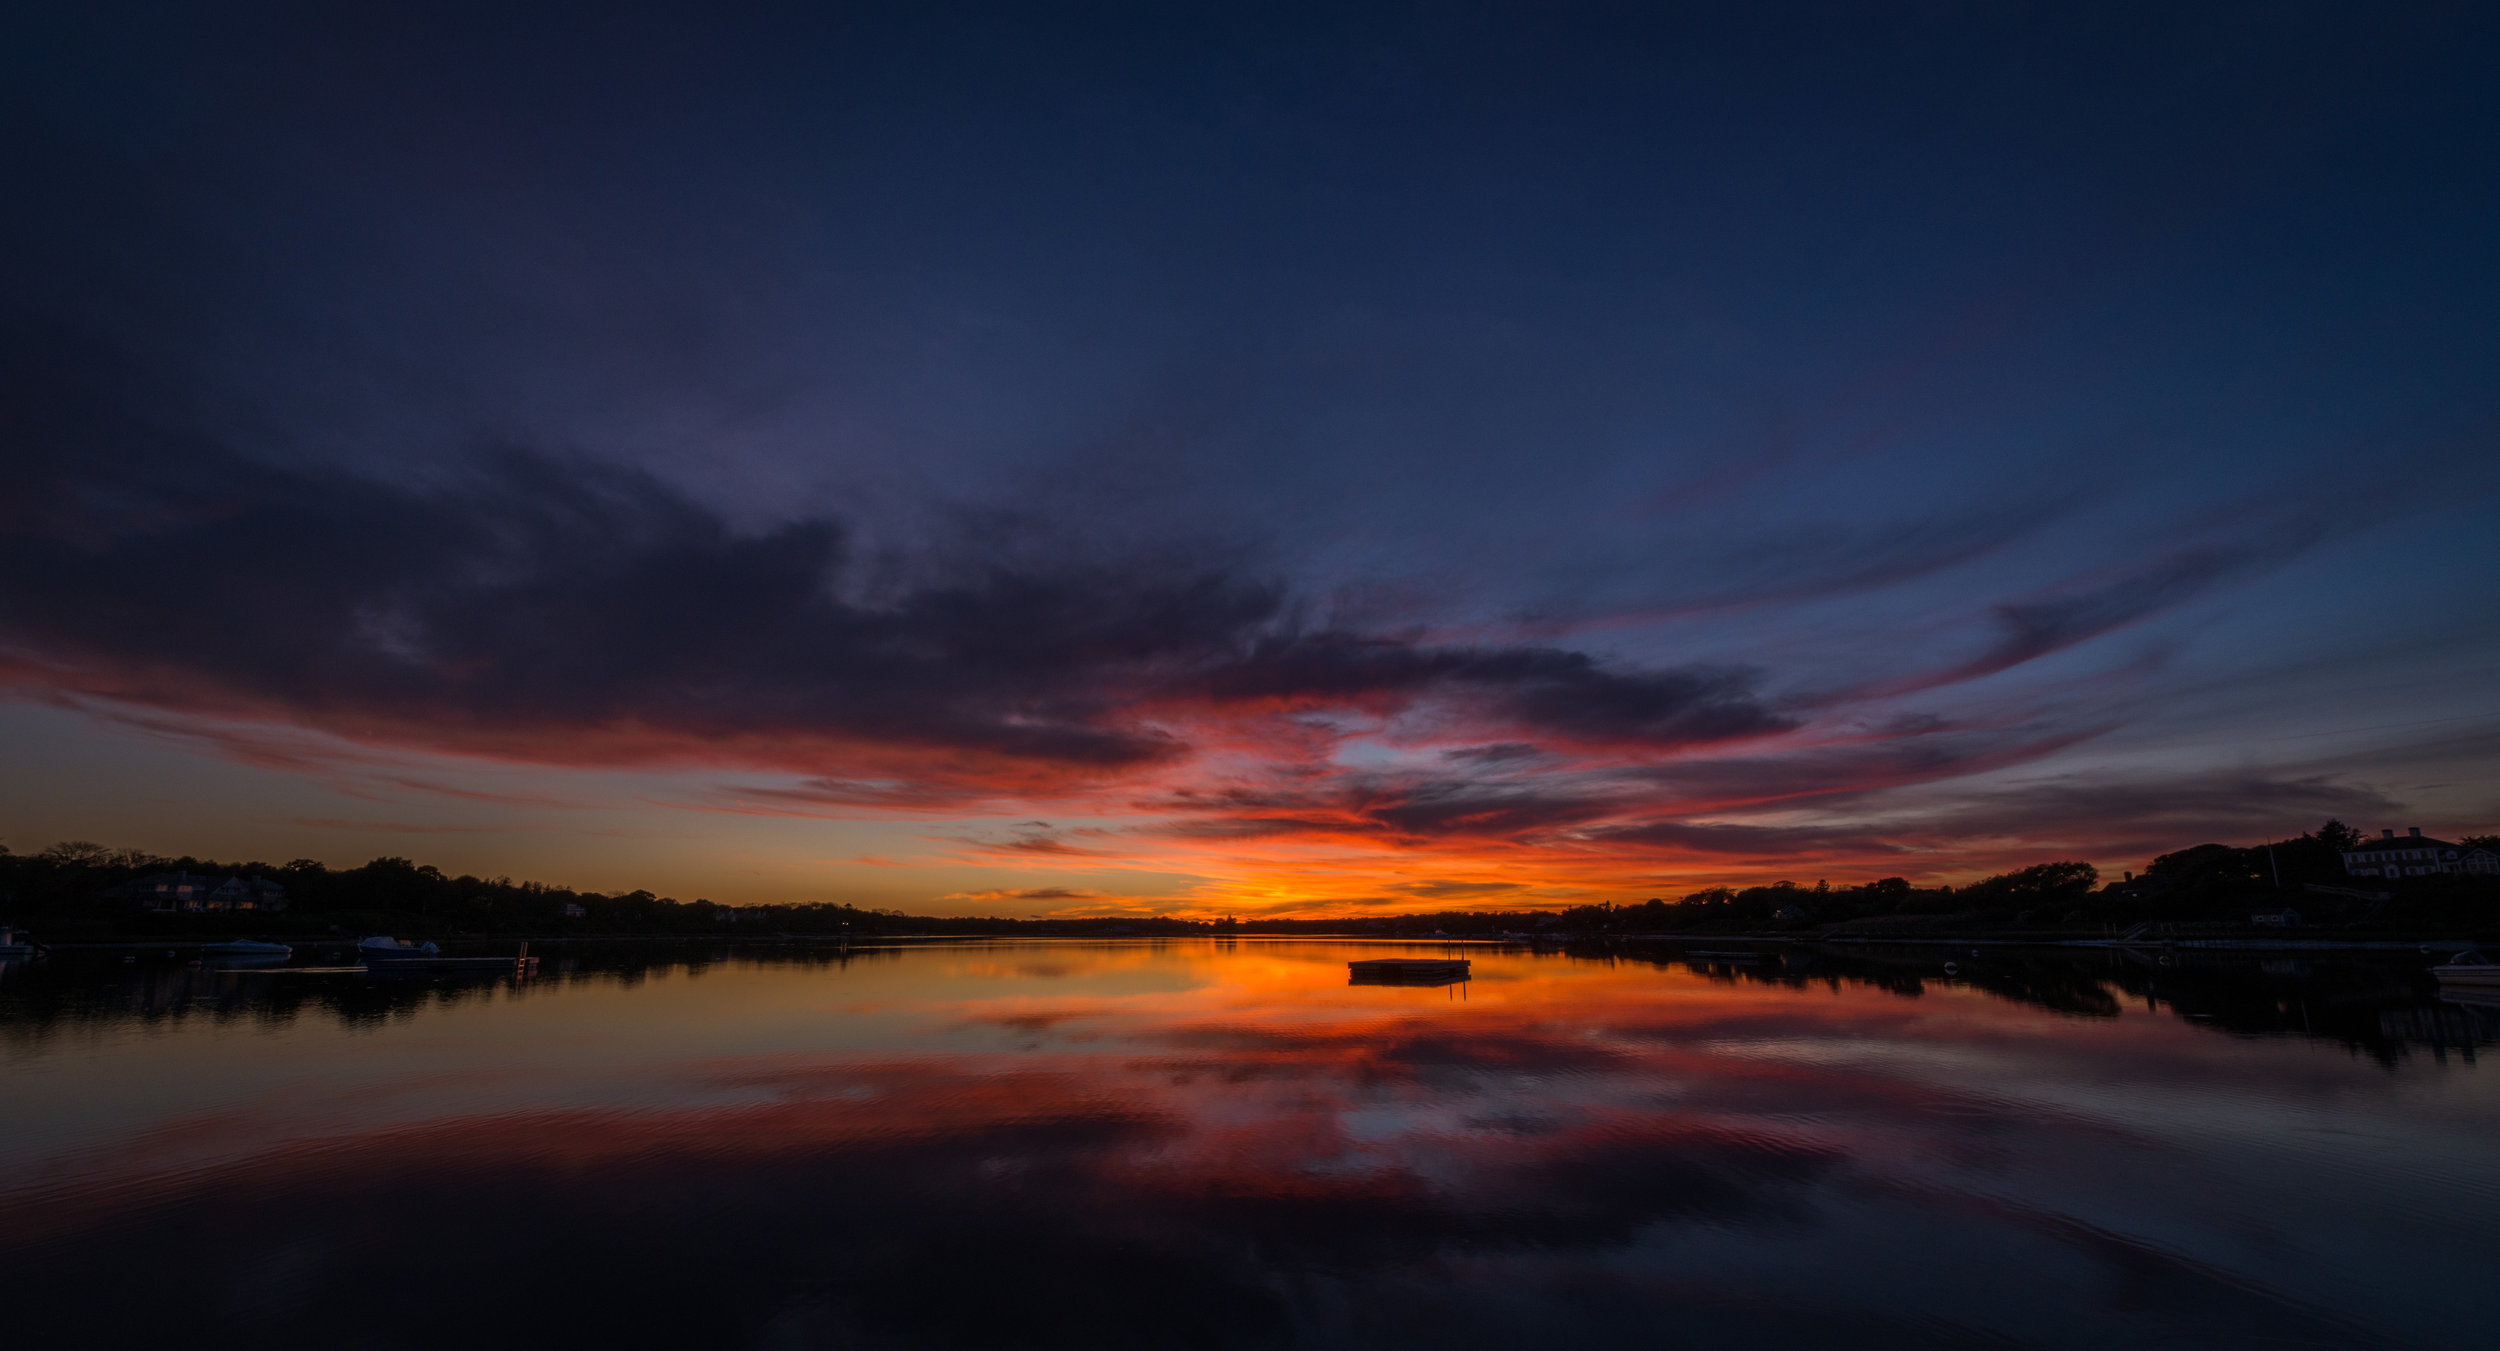 Dusk on Oyster Pond